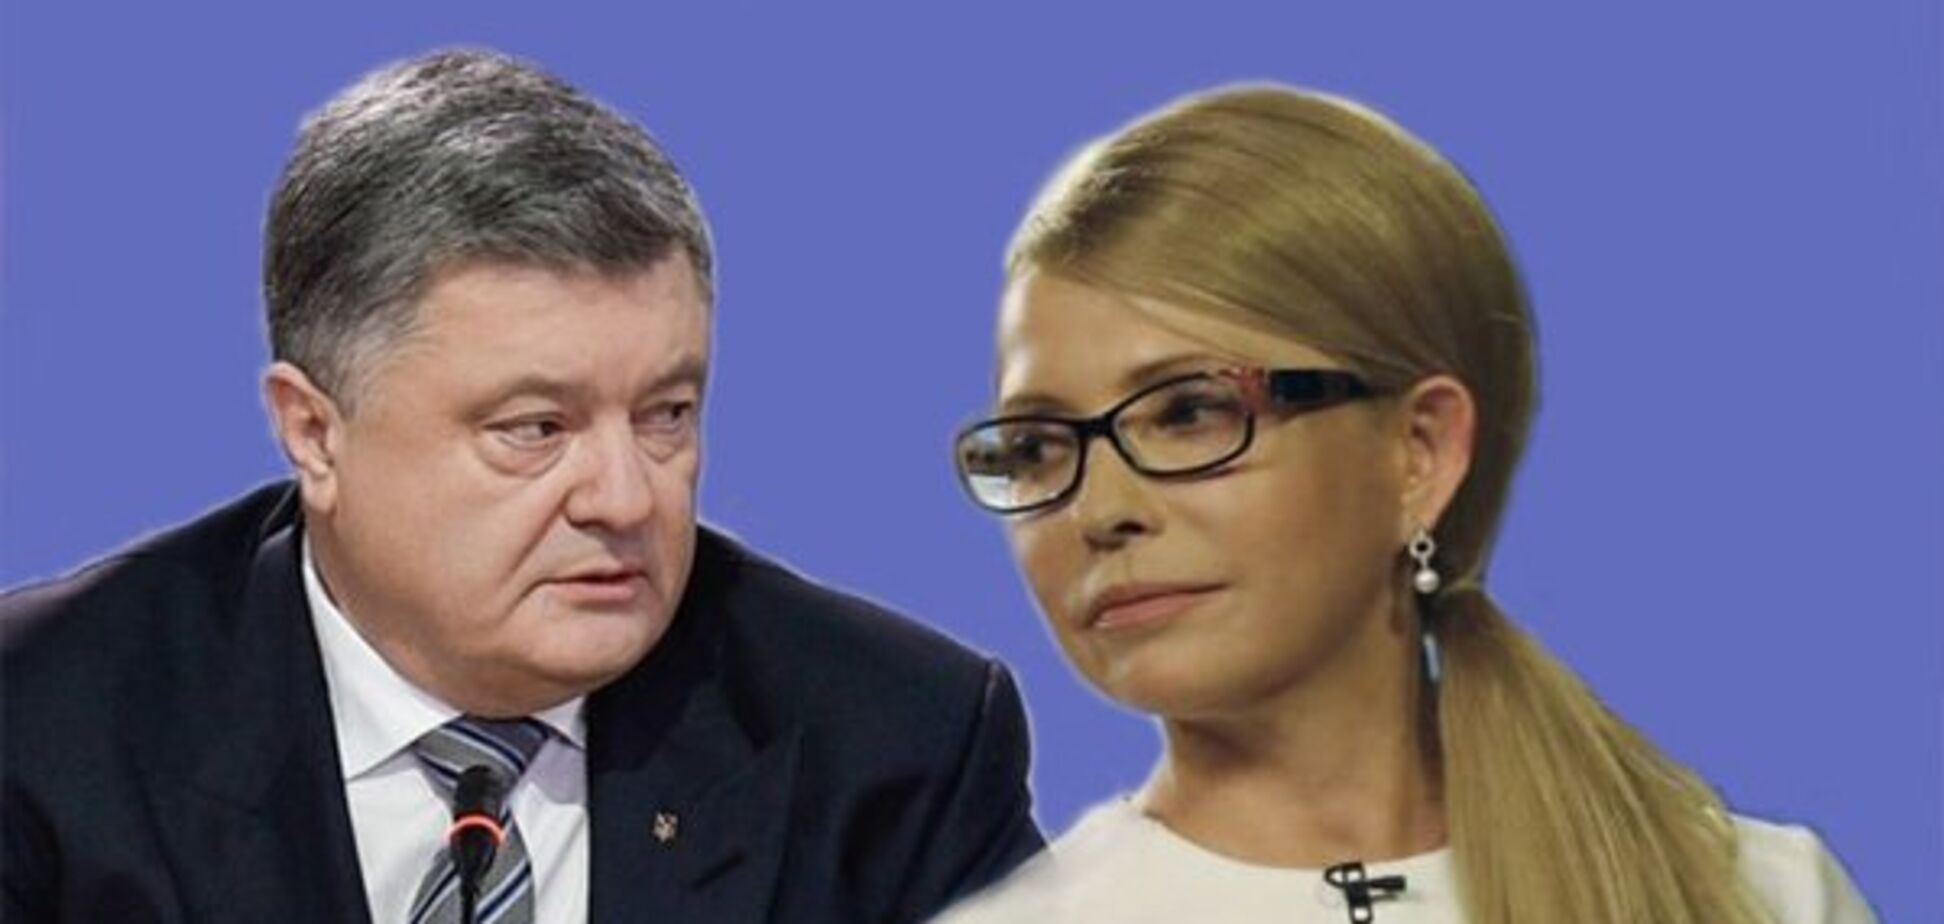 Тимошенко і Порошенко в лідерах: українці визначилися з президентським рейтингом